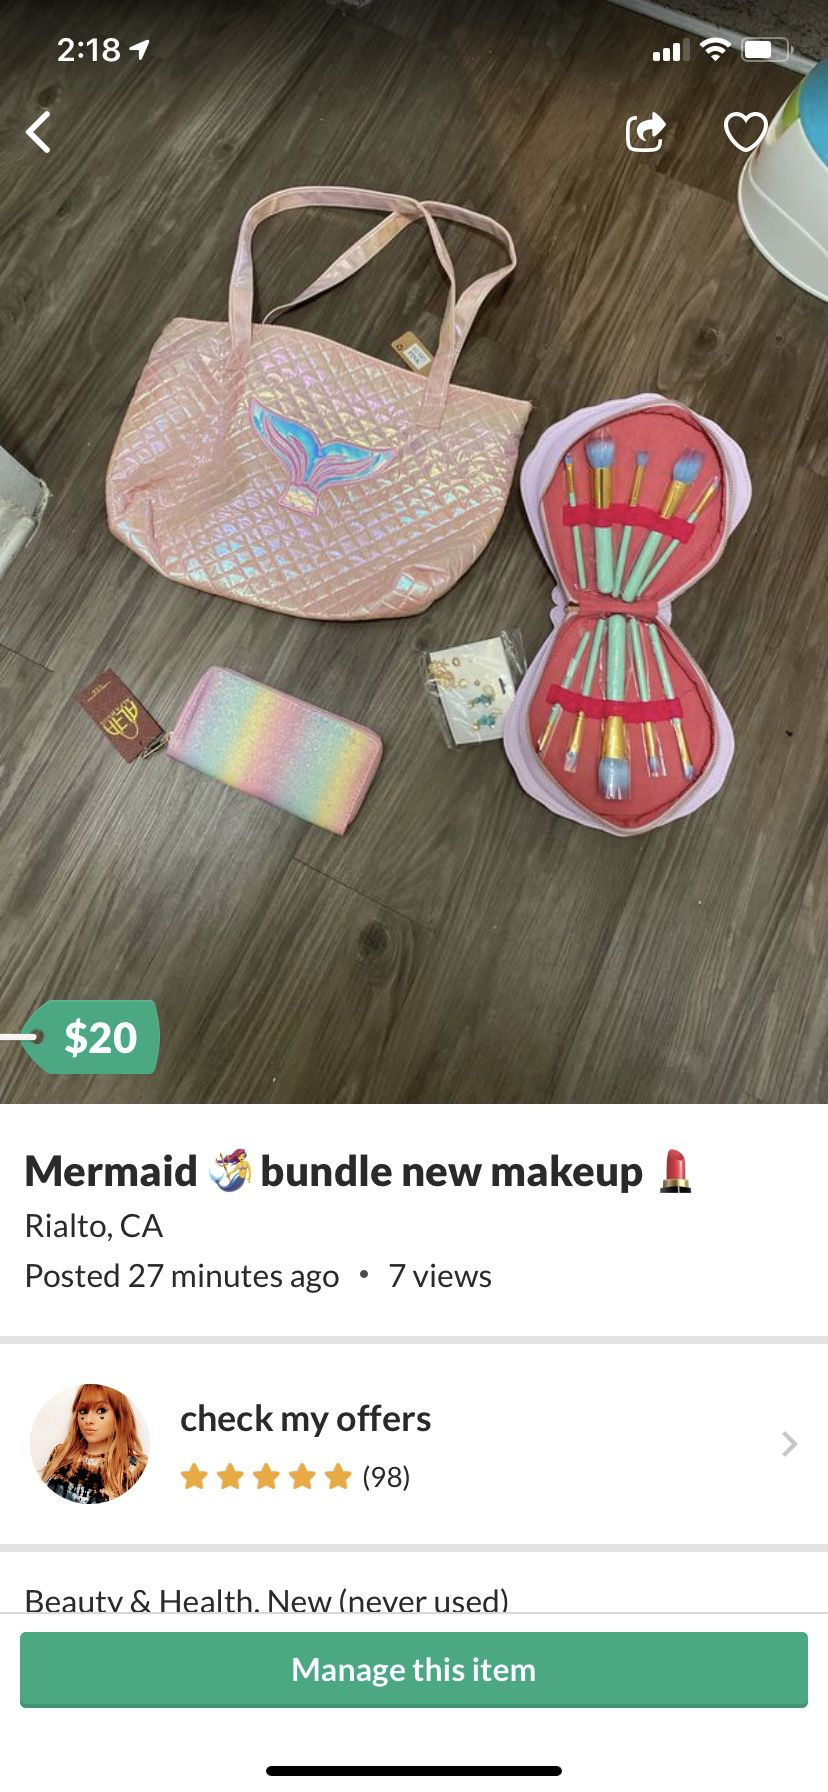 Mermaid set new